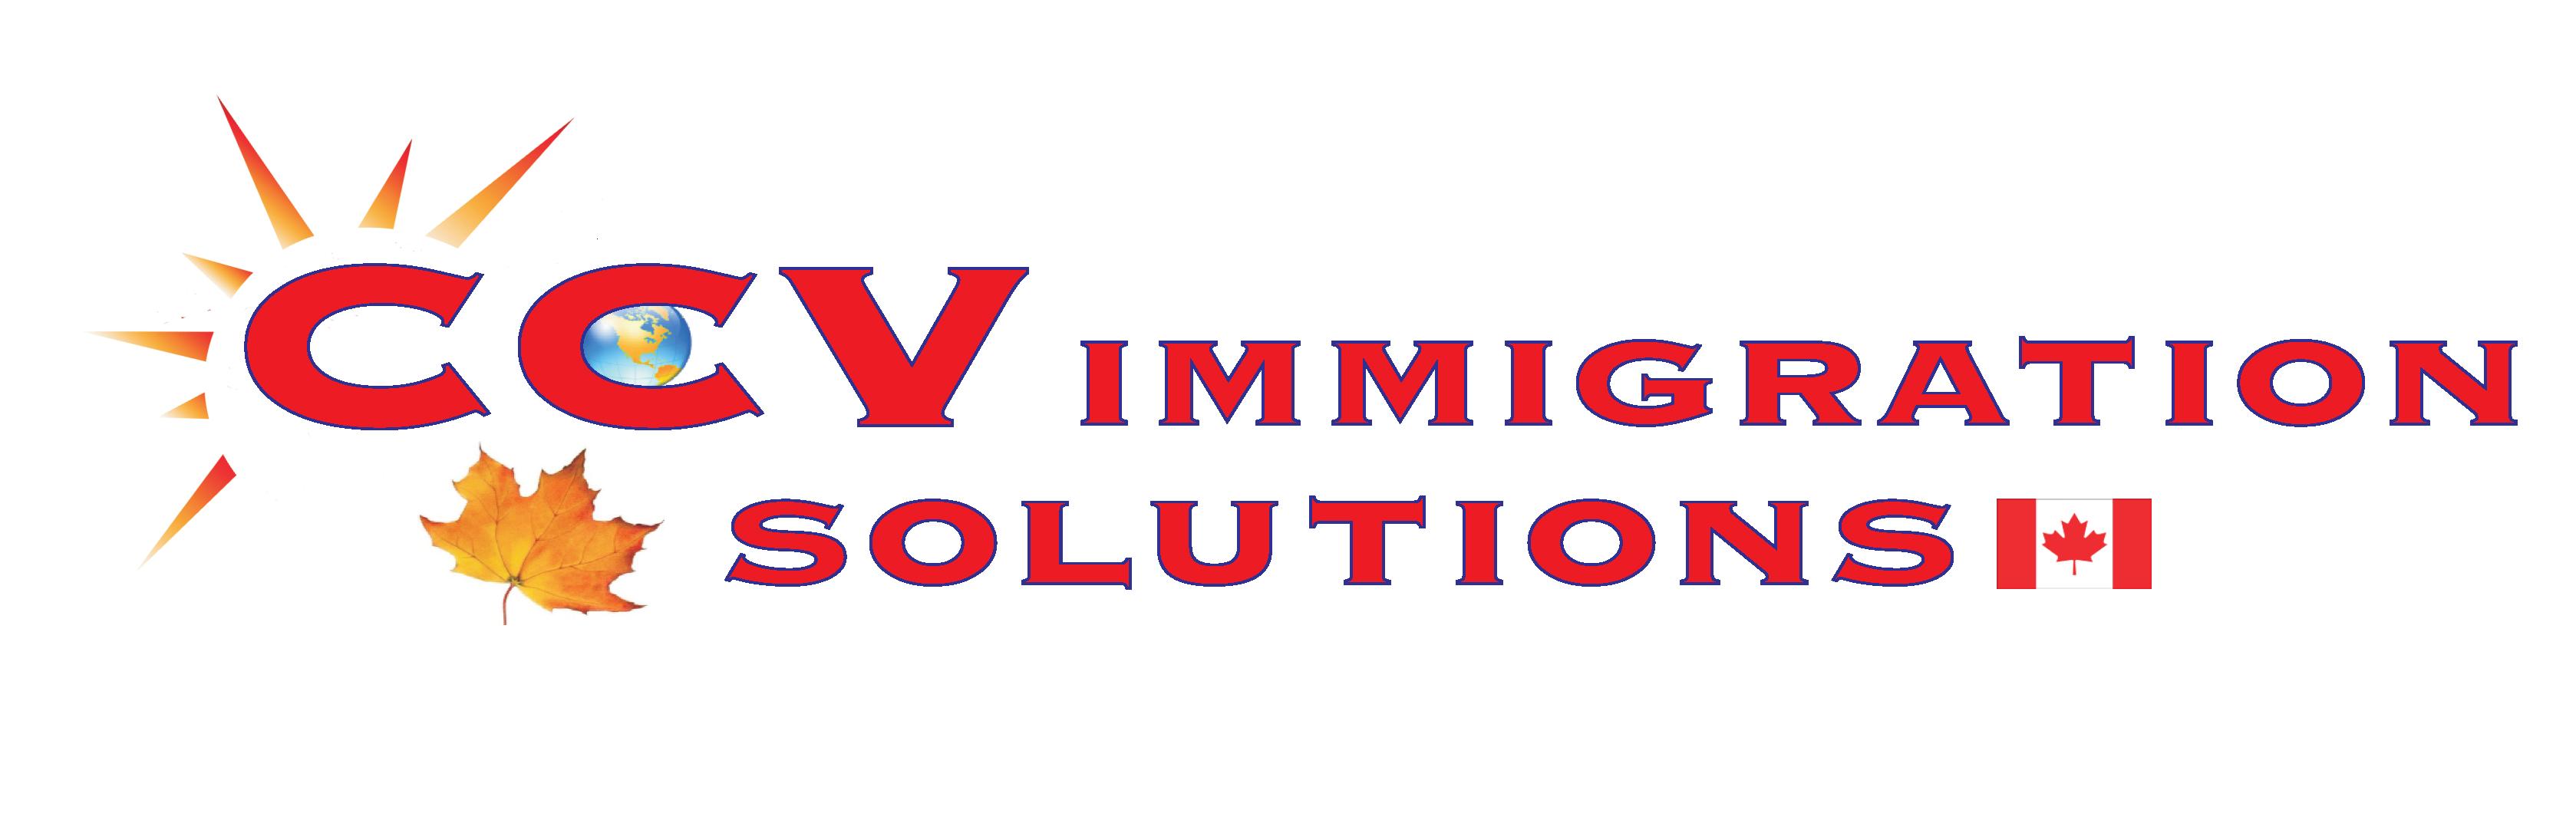 https://ca.mncjobz.com/company/ccv-immigration-solutions-inc